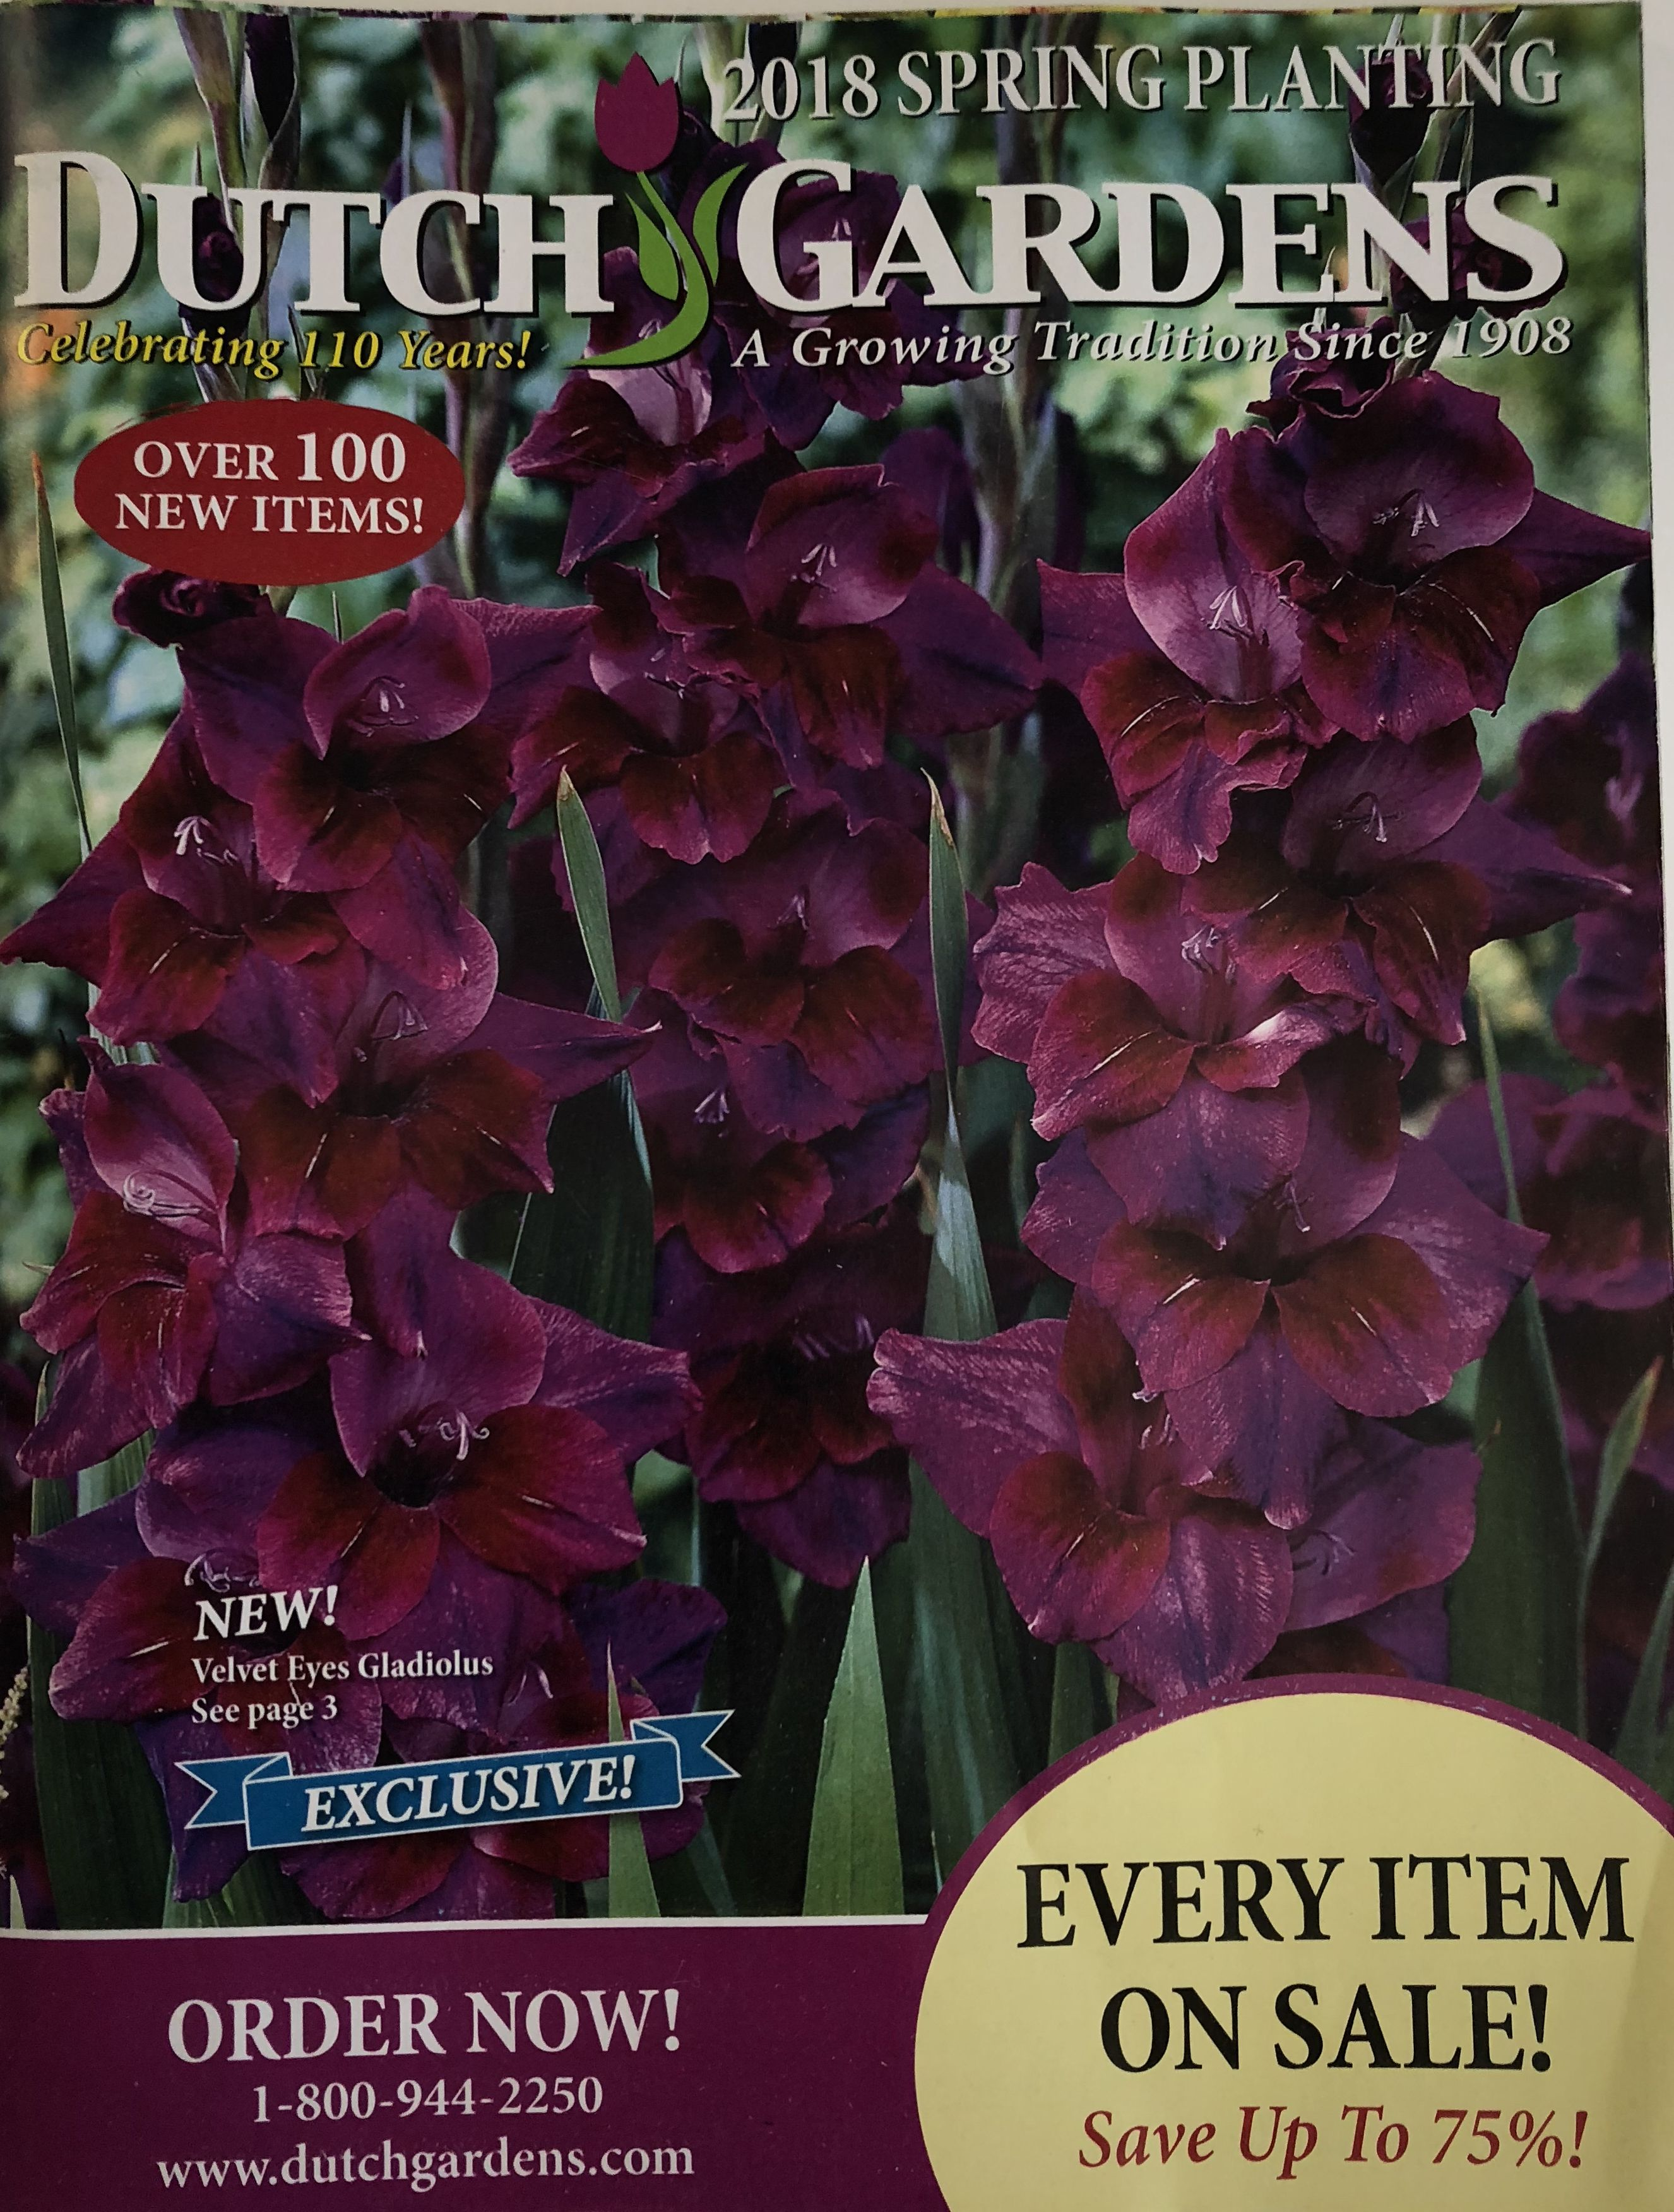 The Dutch Gardens 2018 catalog